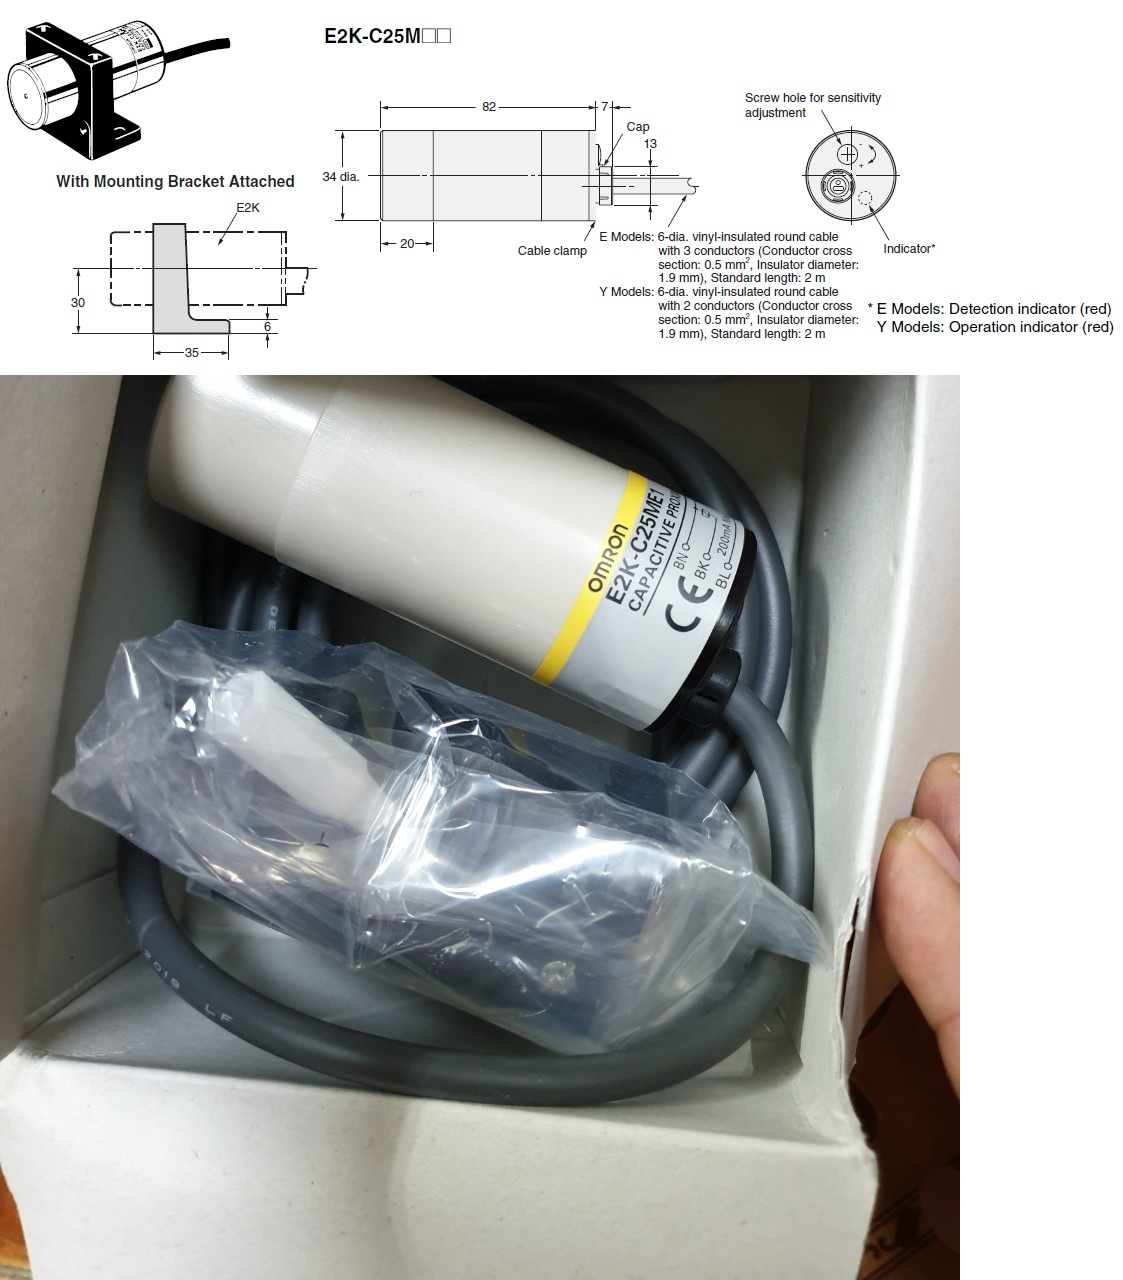 OMRON E2K-C25ME1